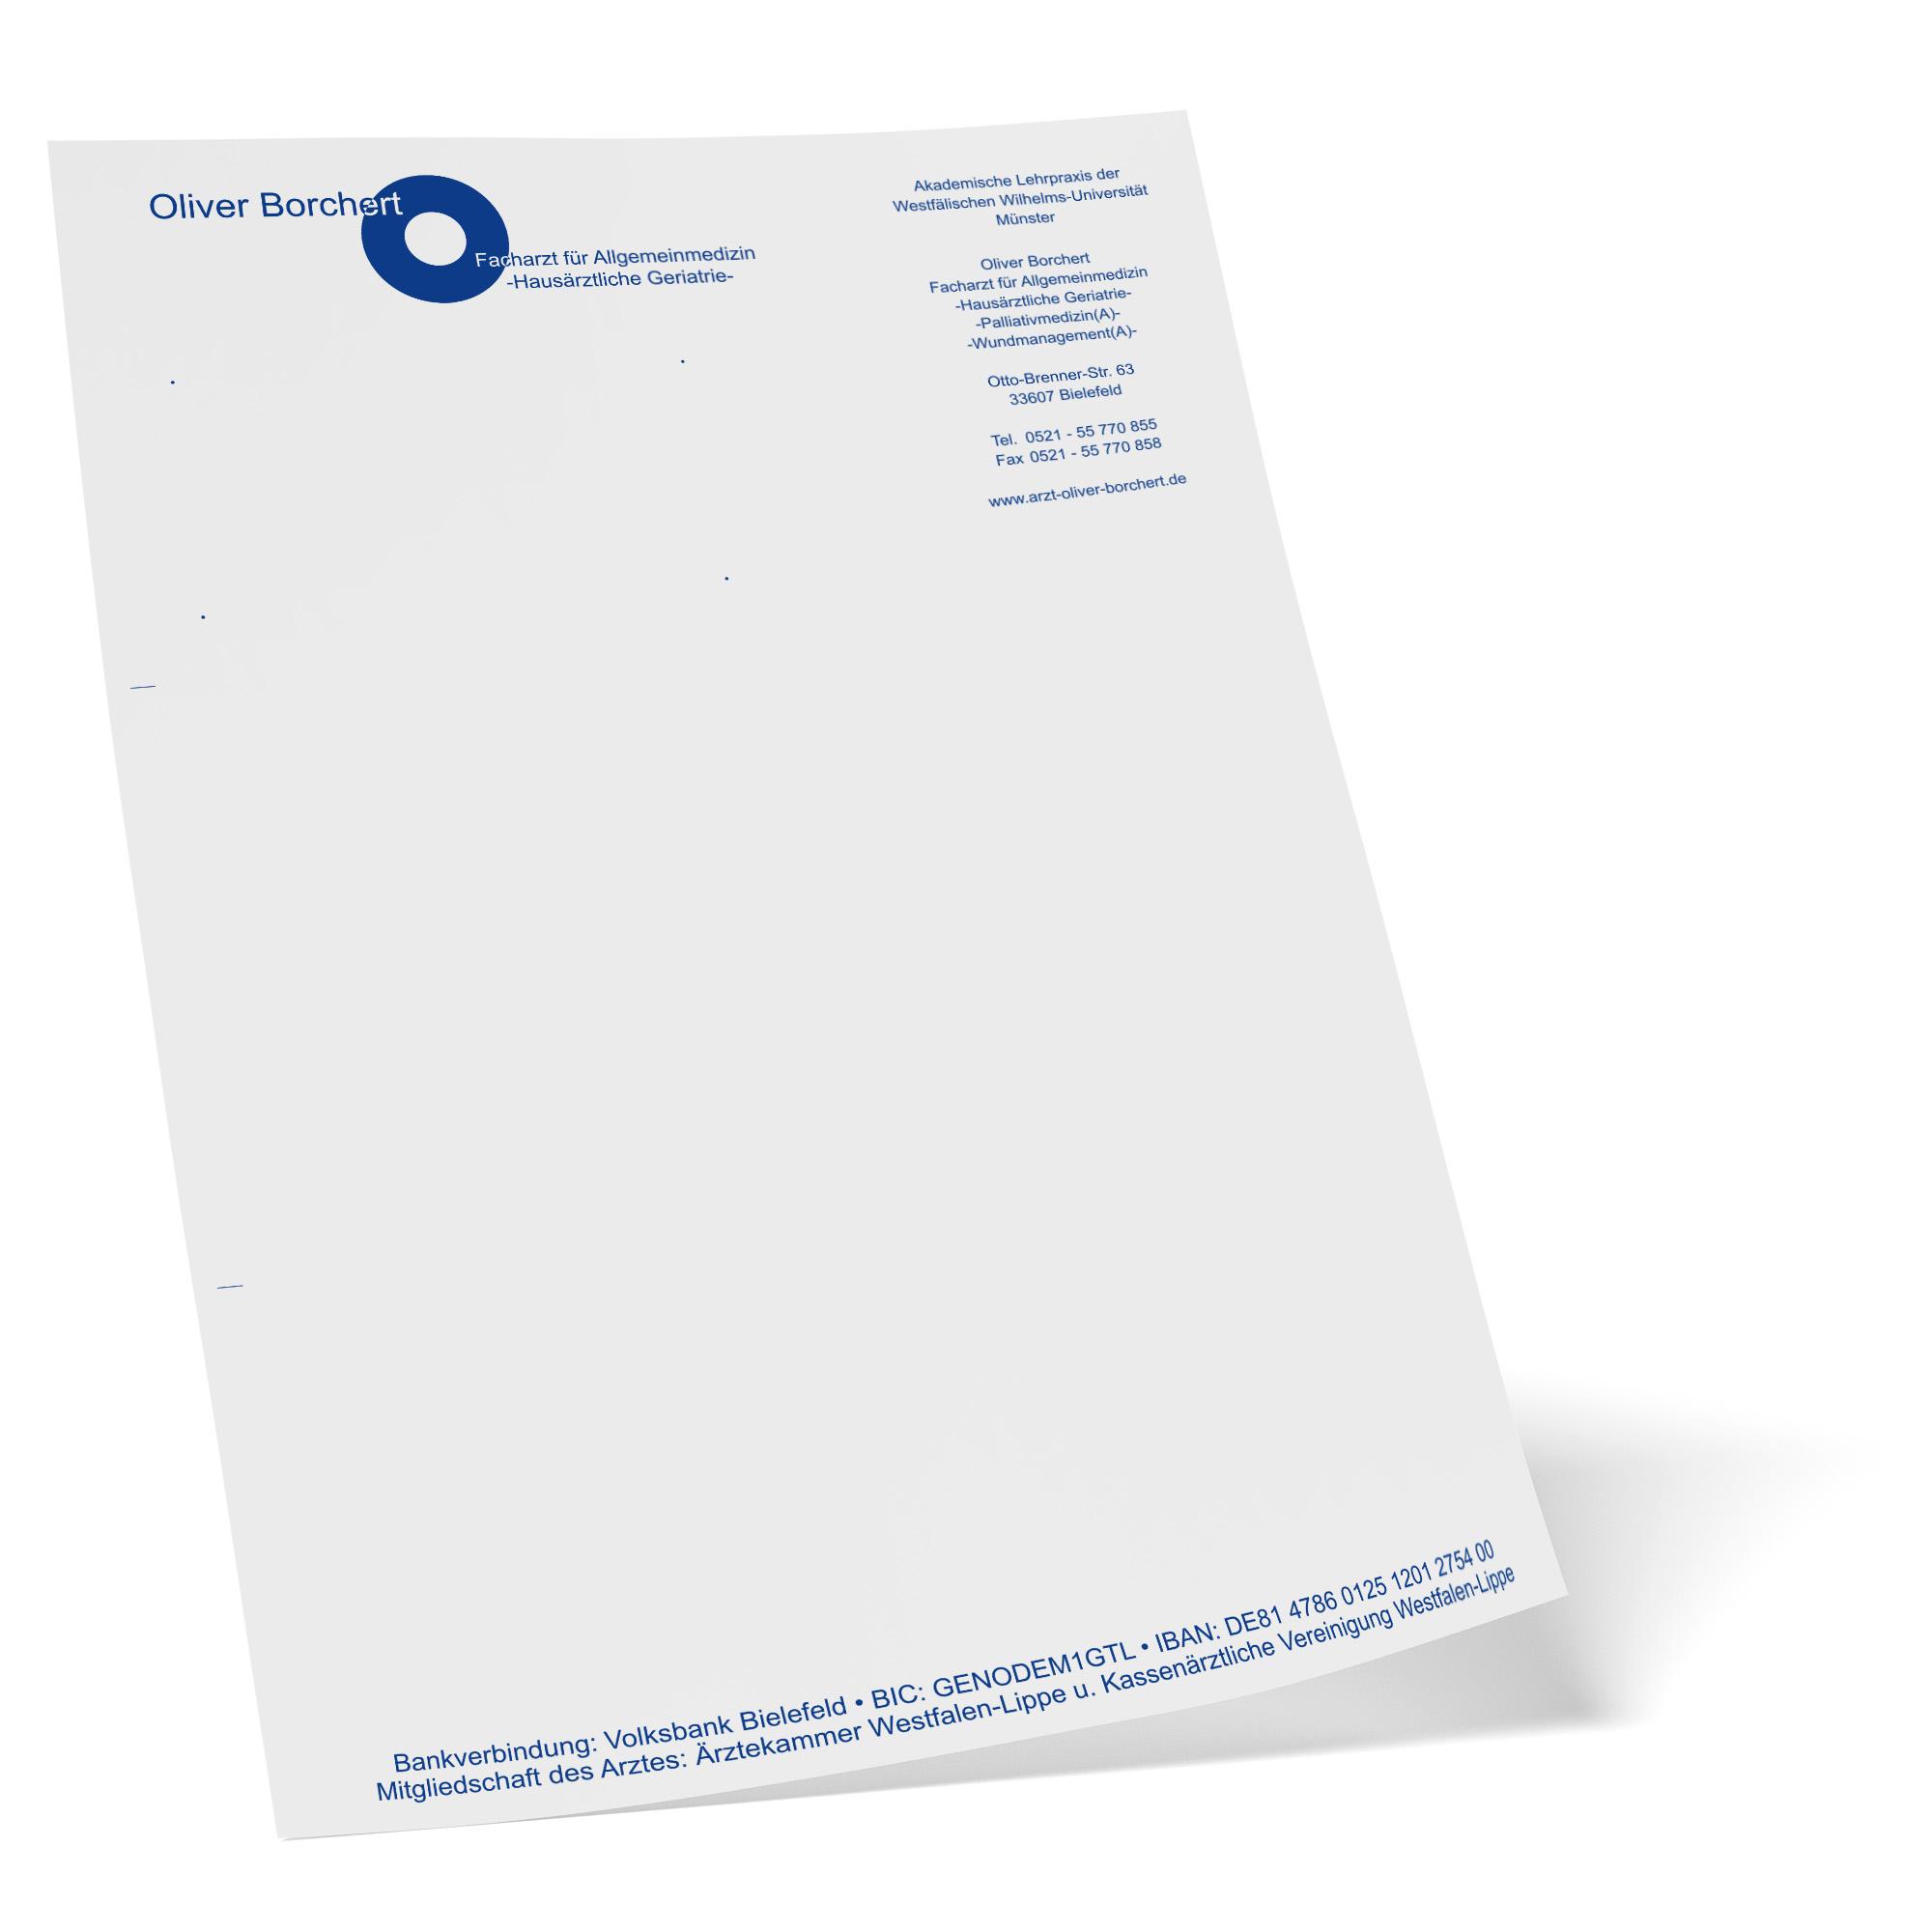 Briefpapier erstellen lassen in Bielefeld